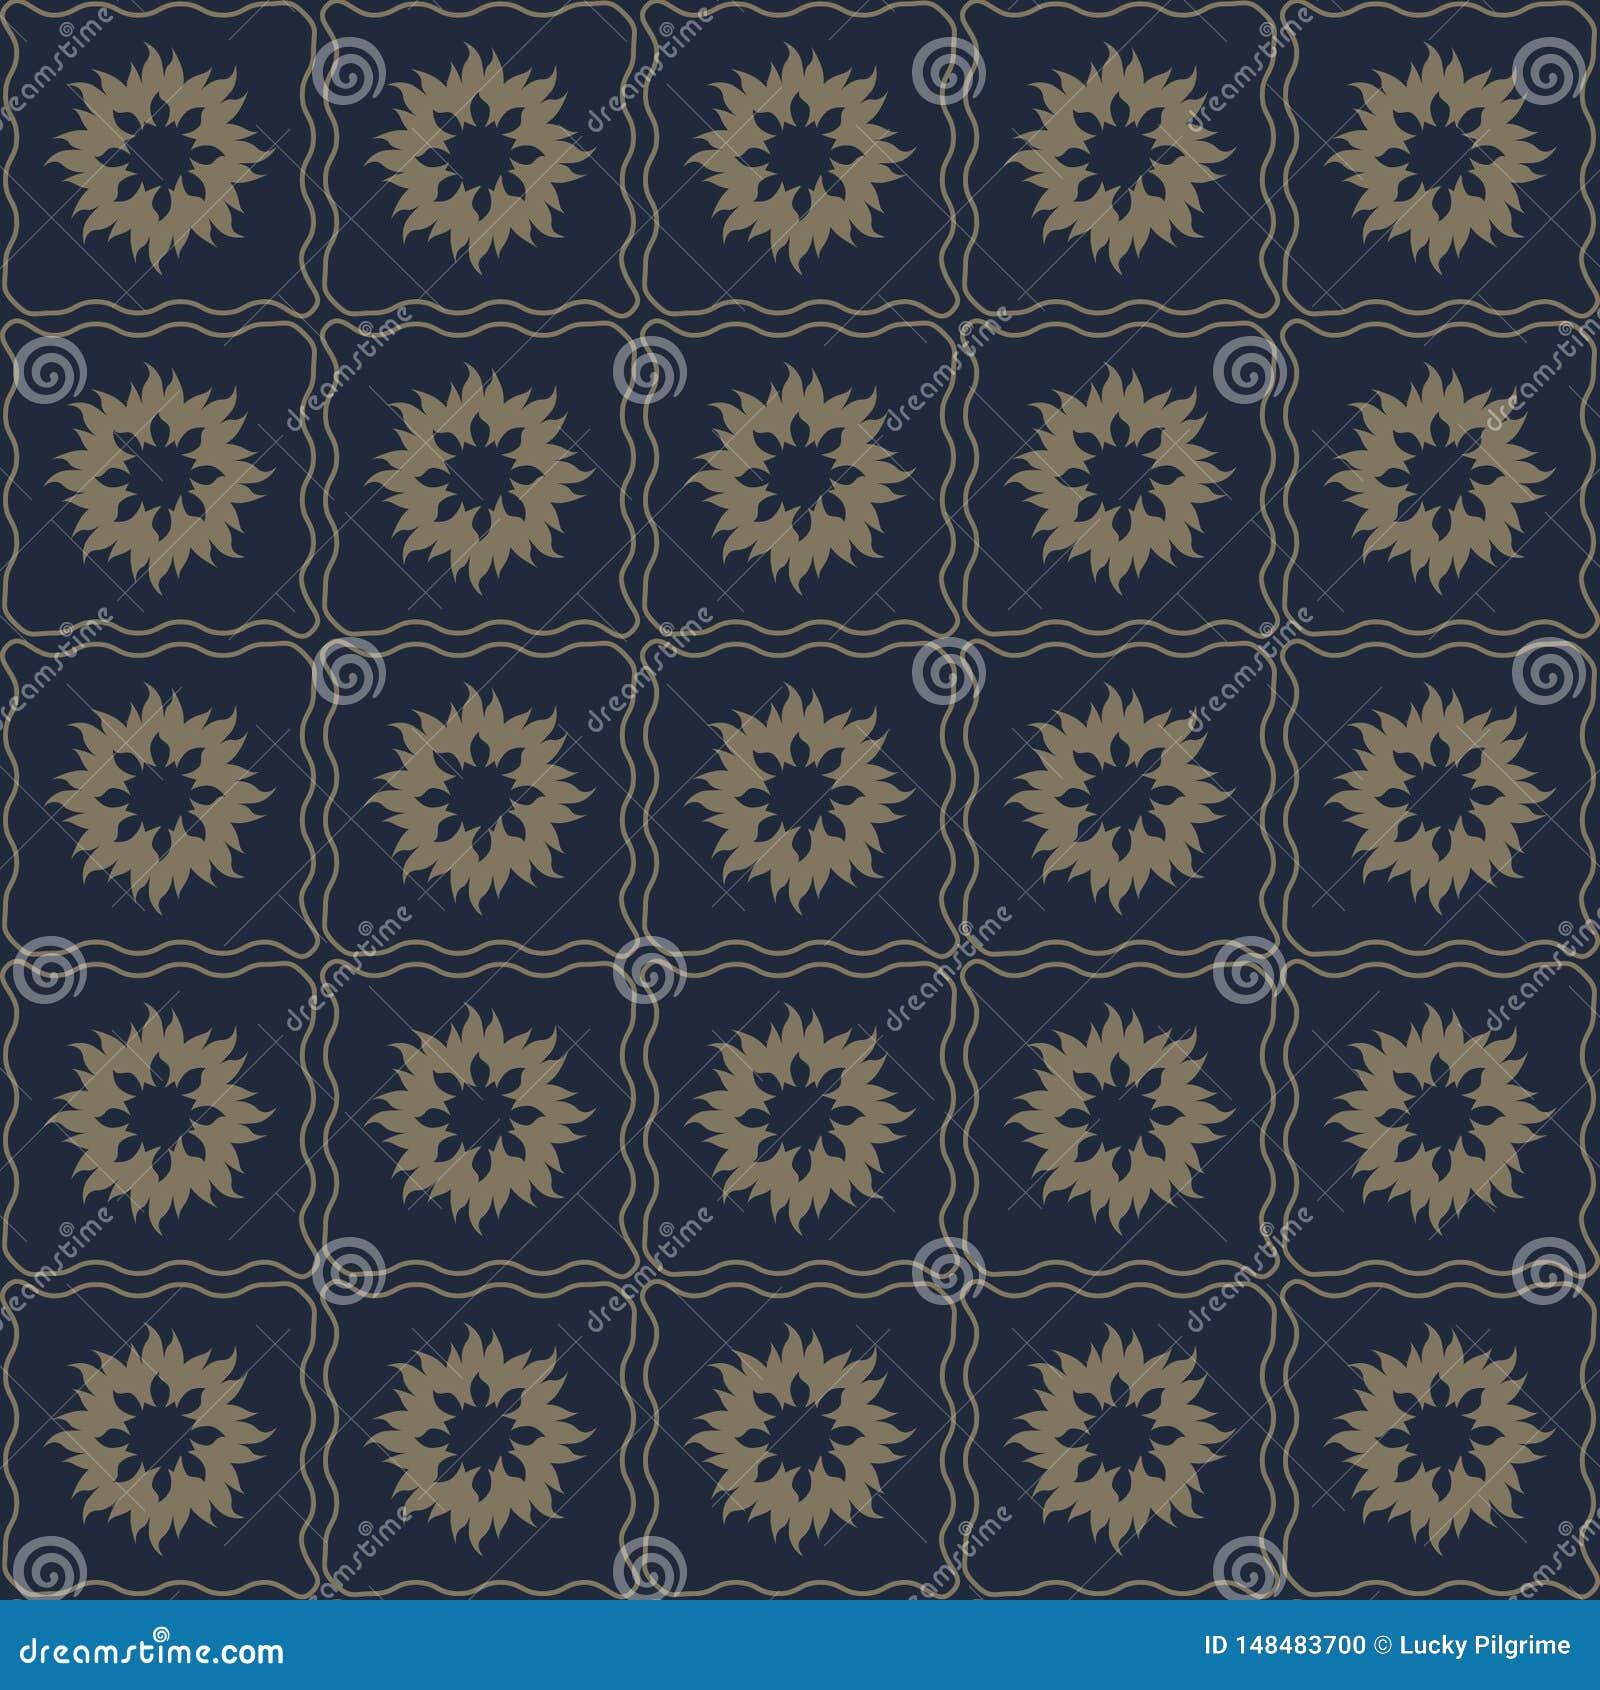 Nahtloses Muster des Vektors von abstrakten Blumen in der subtilen dunklen Farbe